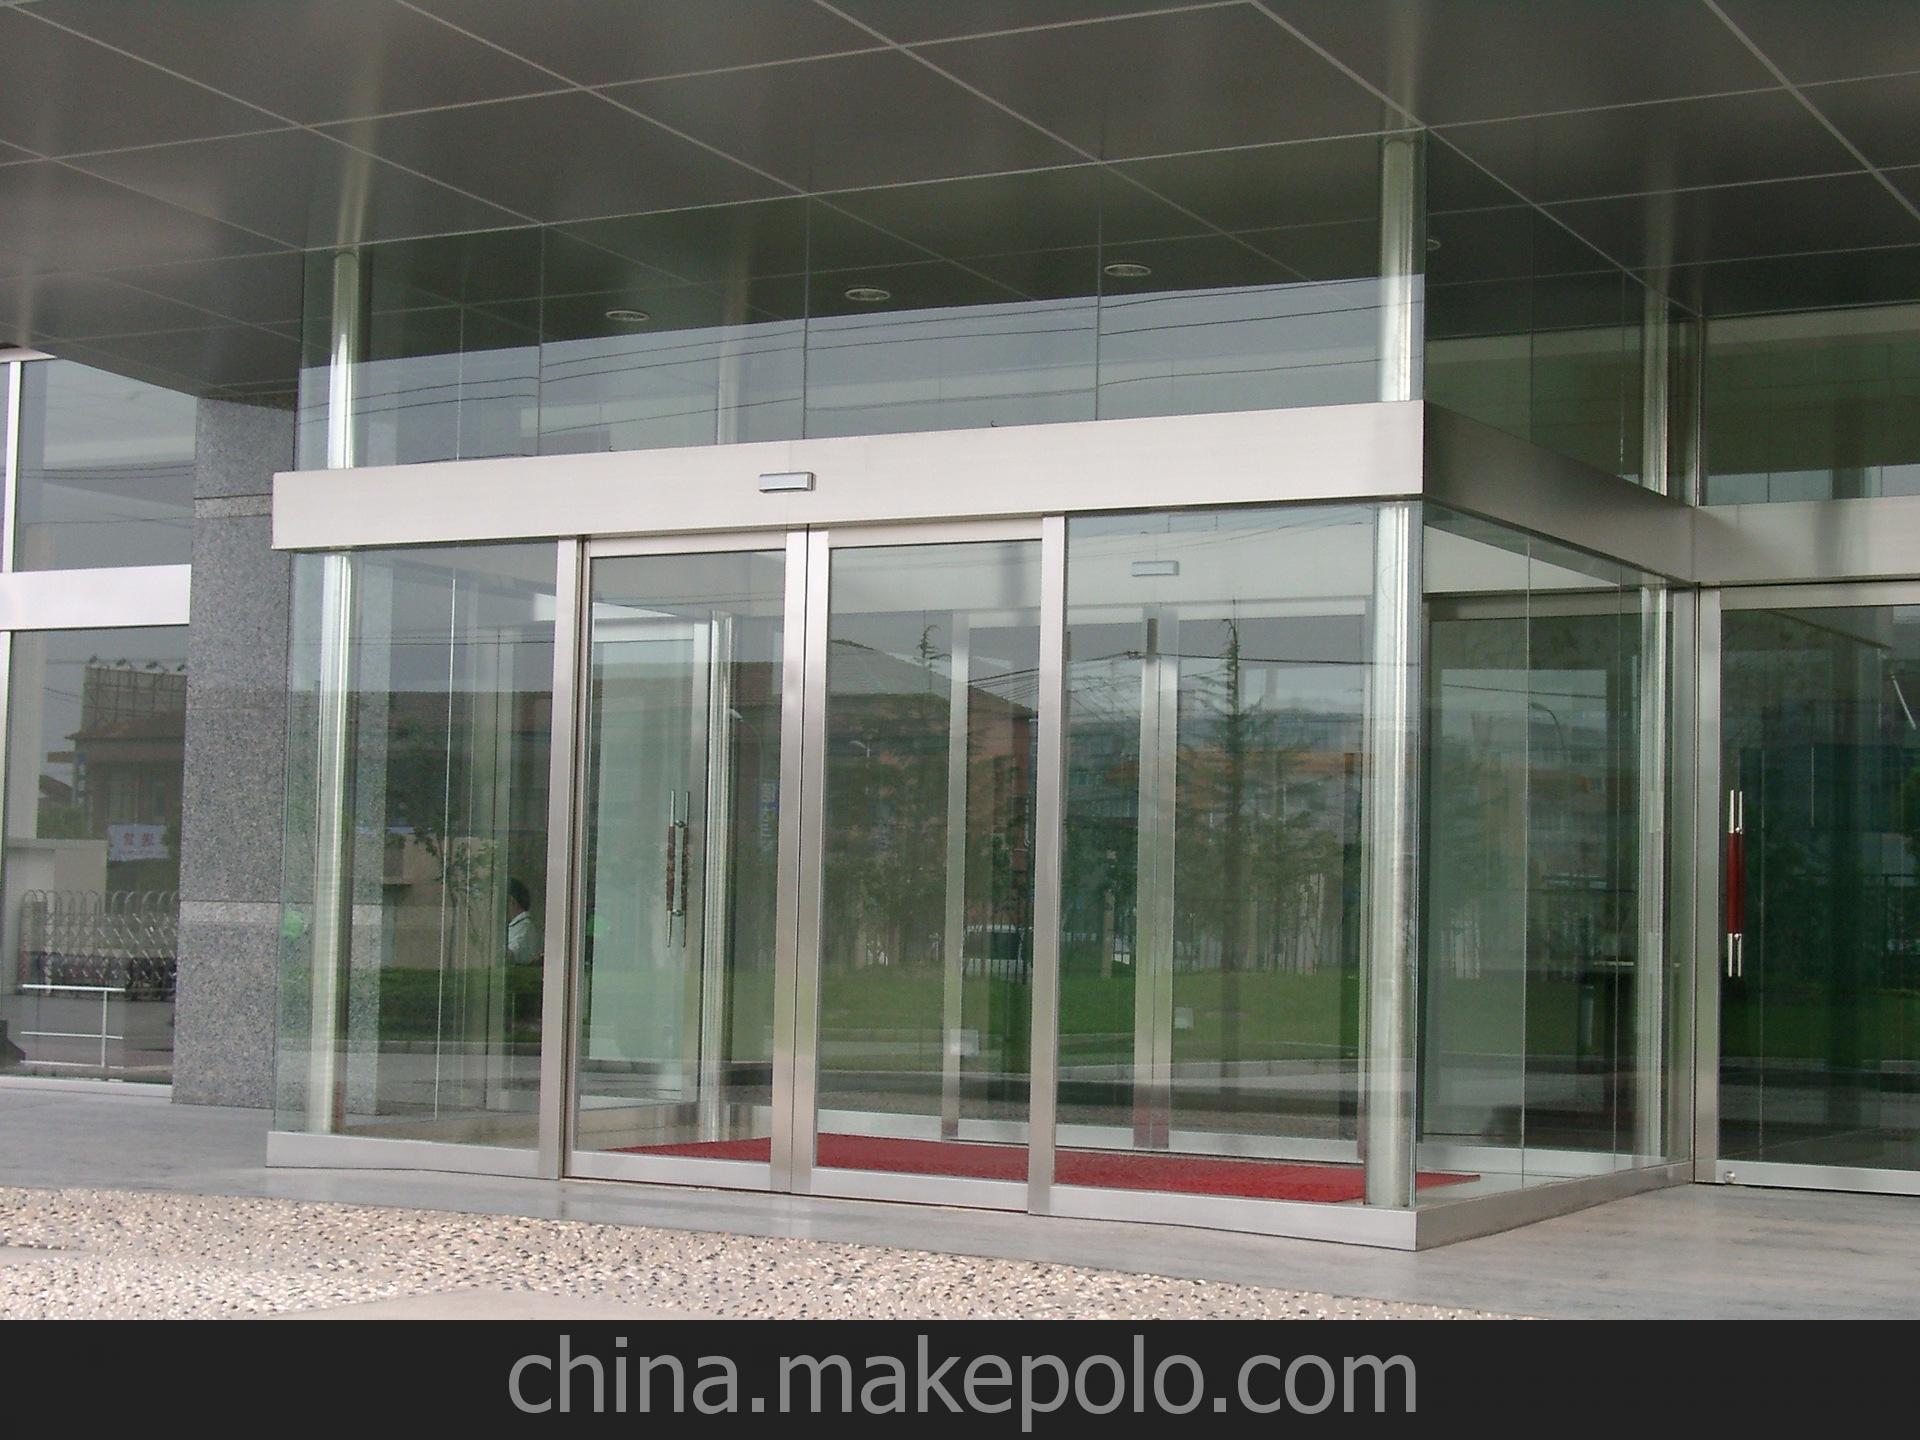 上海黄浦区维修地弹簧门玻璃门 安装玻璃门